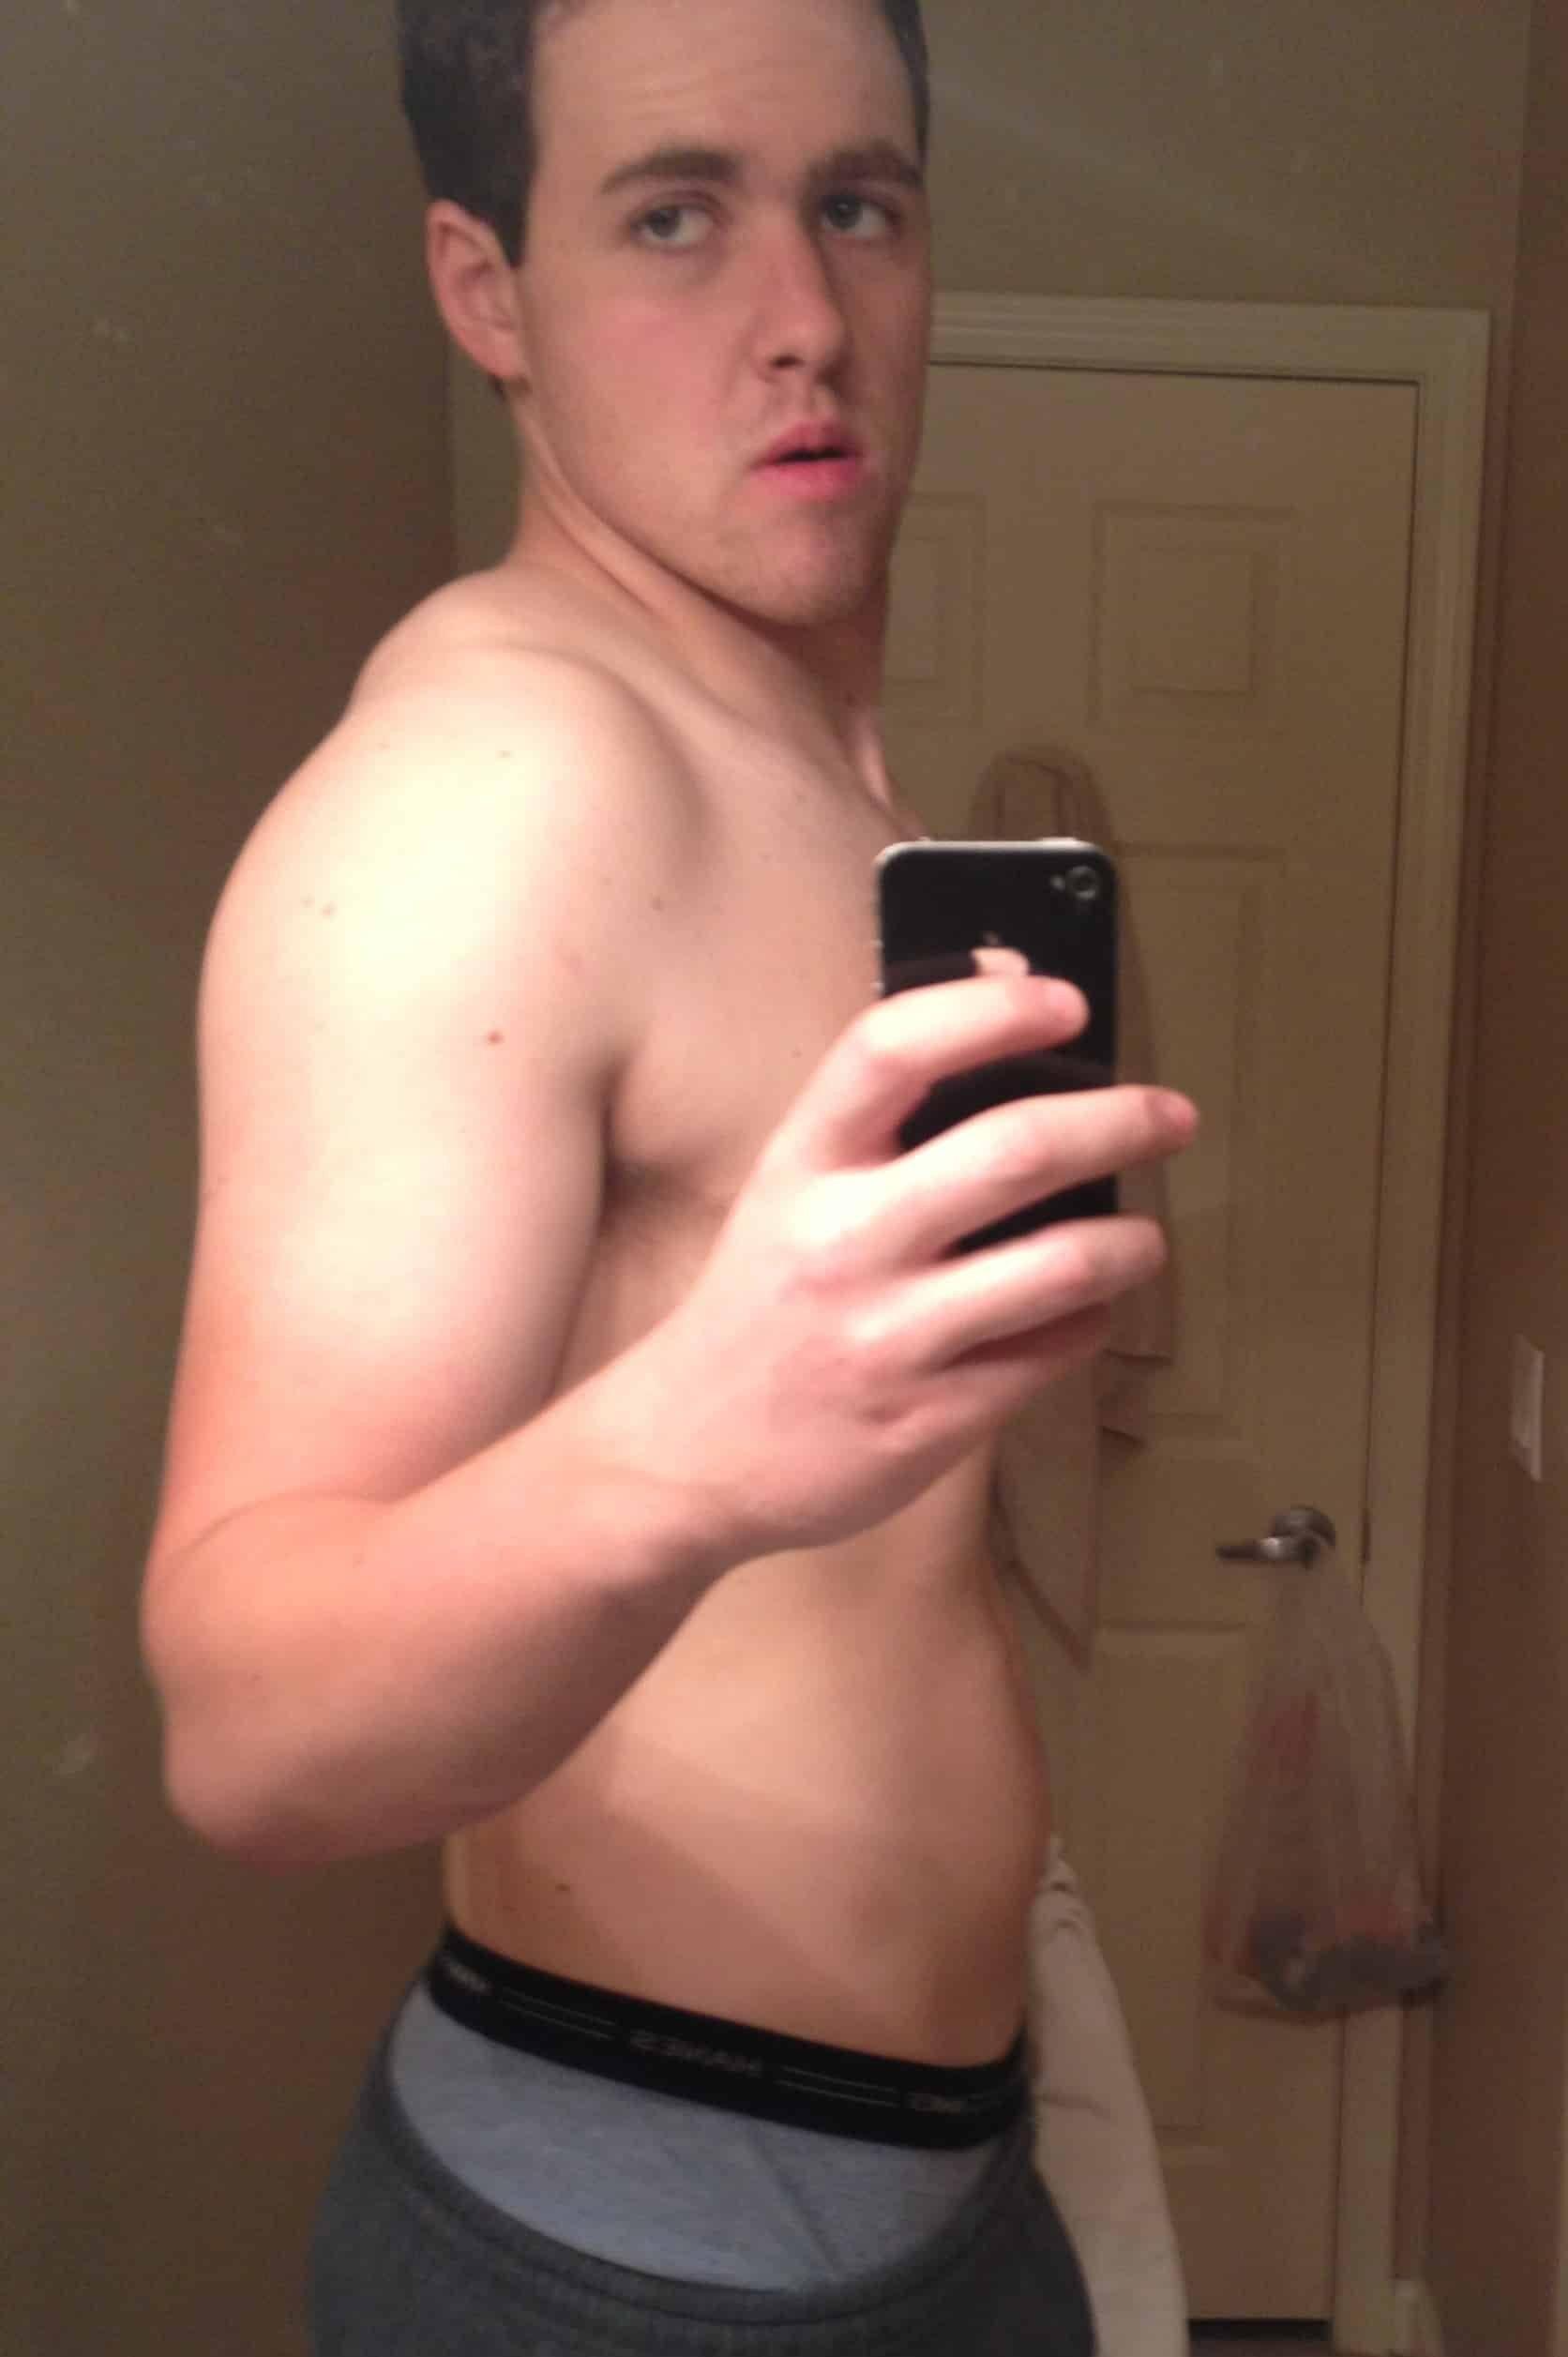 losing 40 lbs in 8 weeks on keto